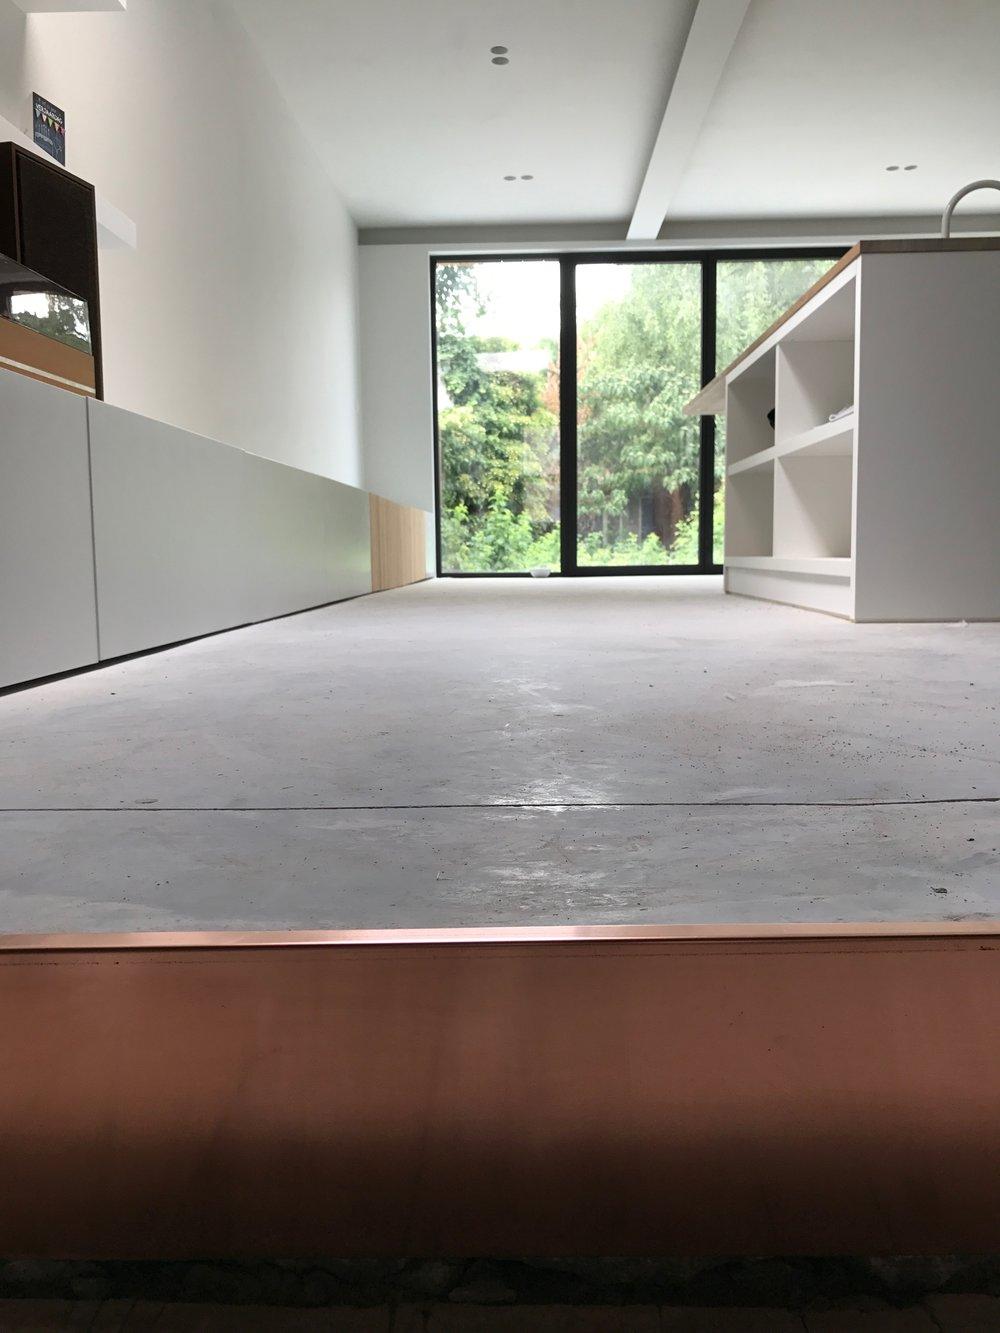 MyProject - Project Ulle renovatie woning opstap koper.jpg